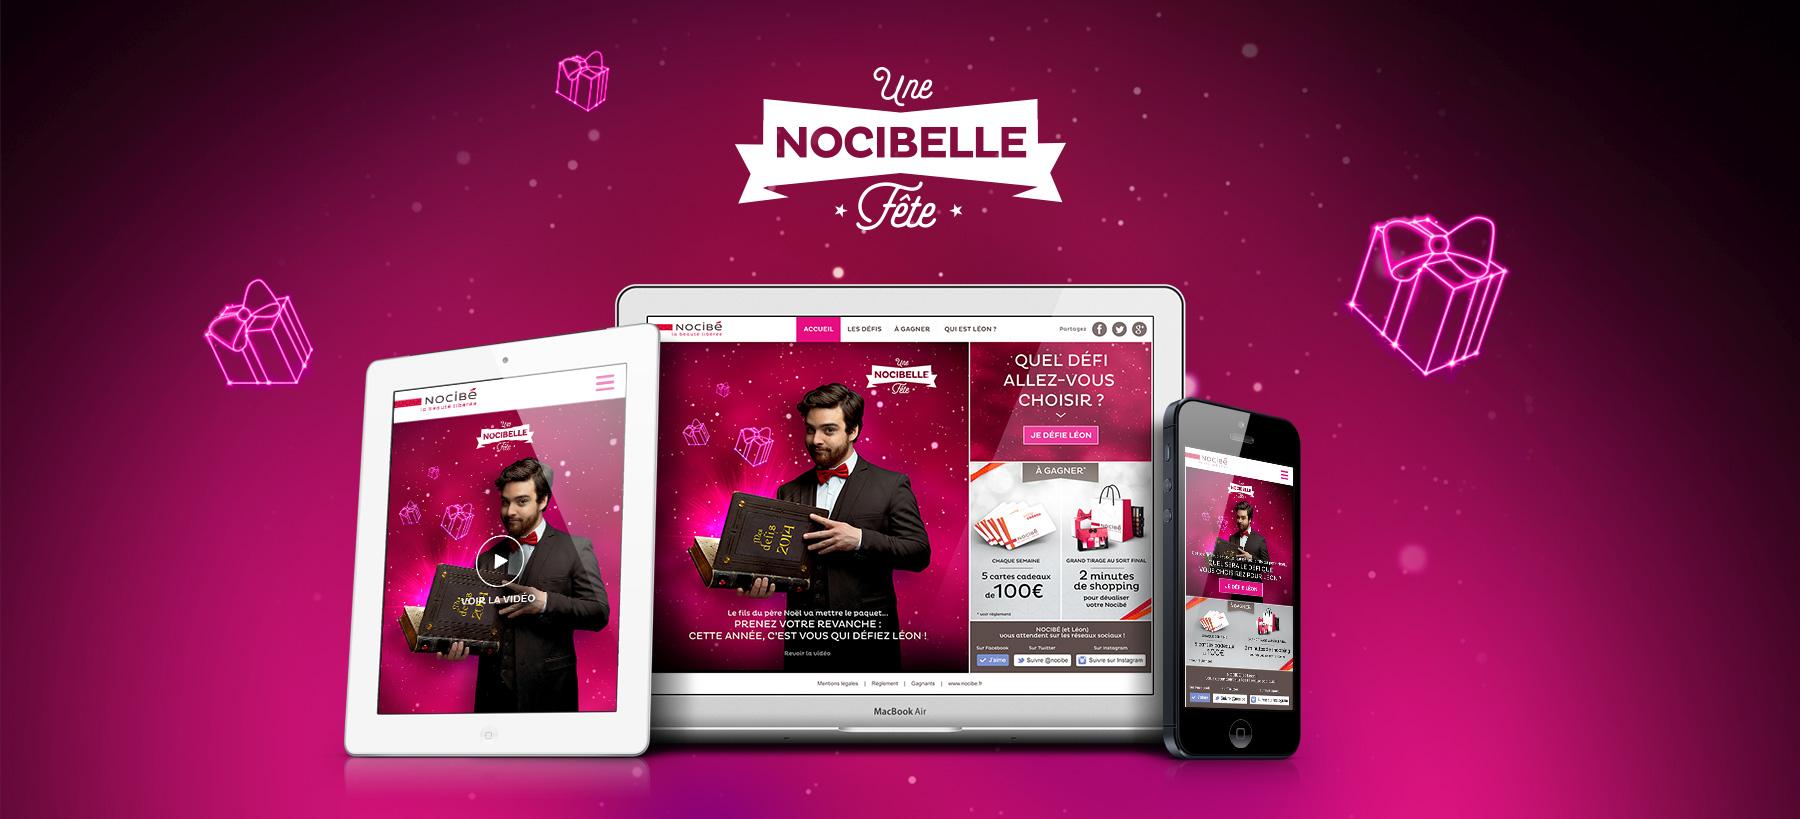 Directeur artistique freelance Portfolio Paris - Nocibé